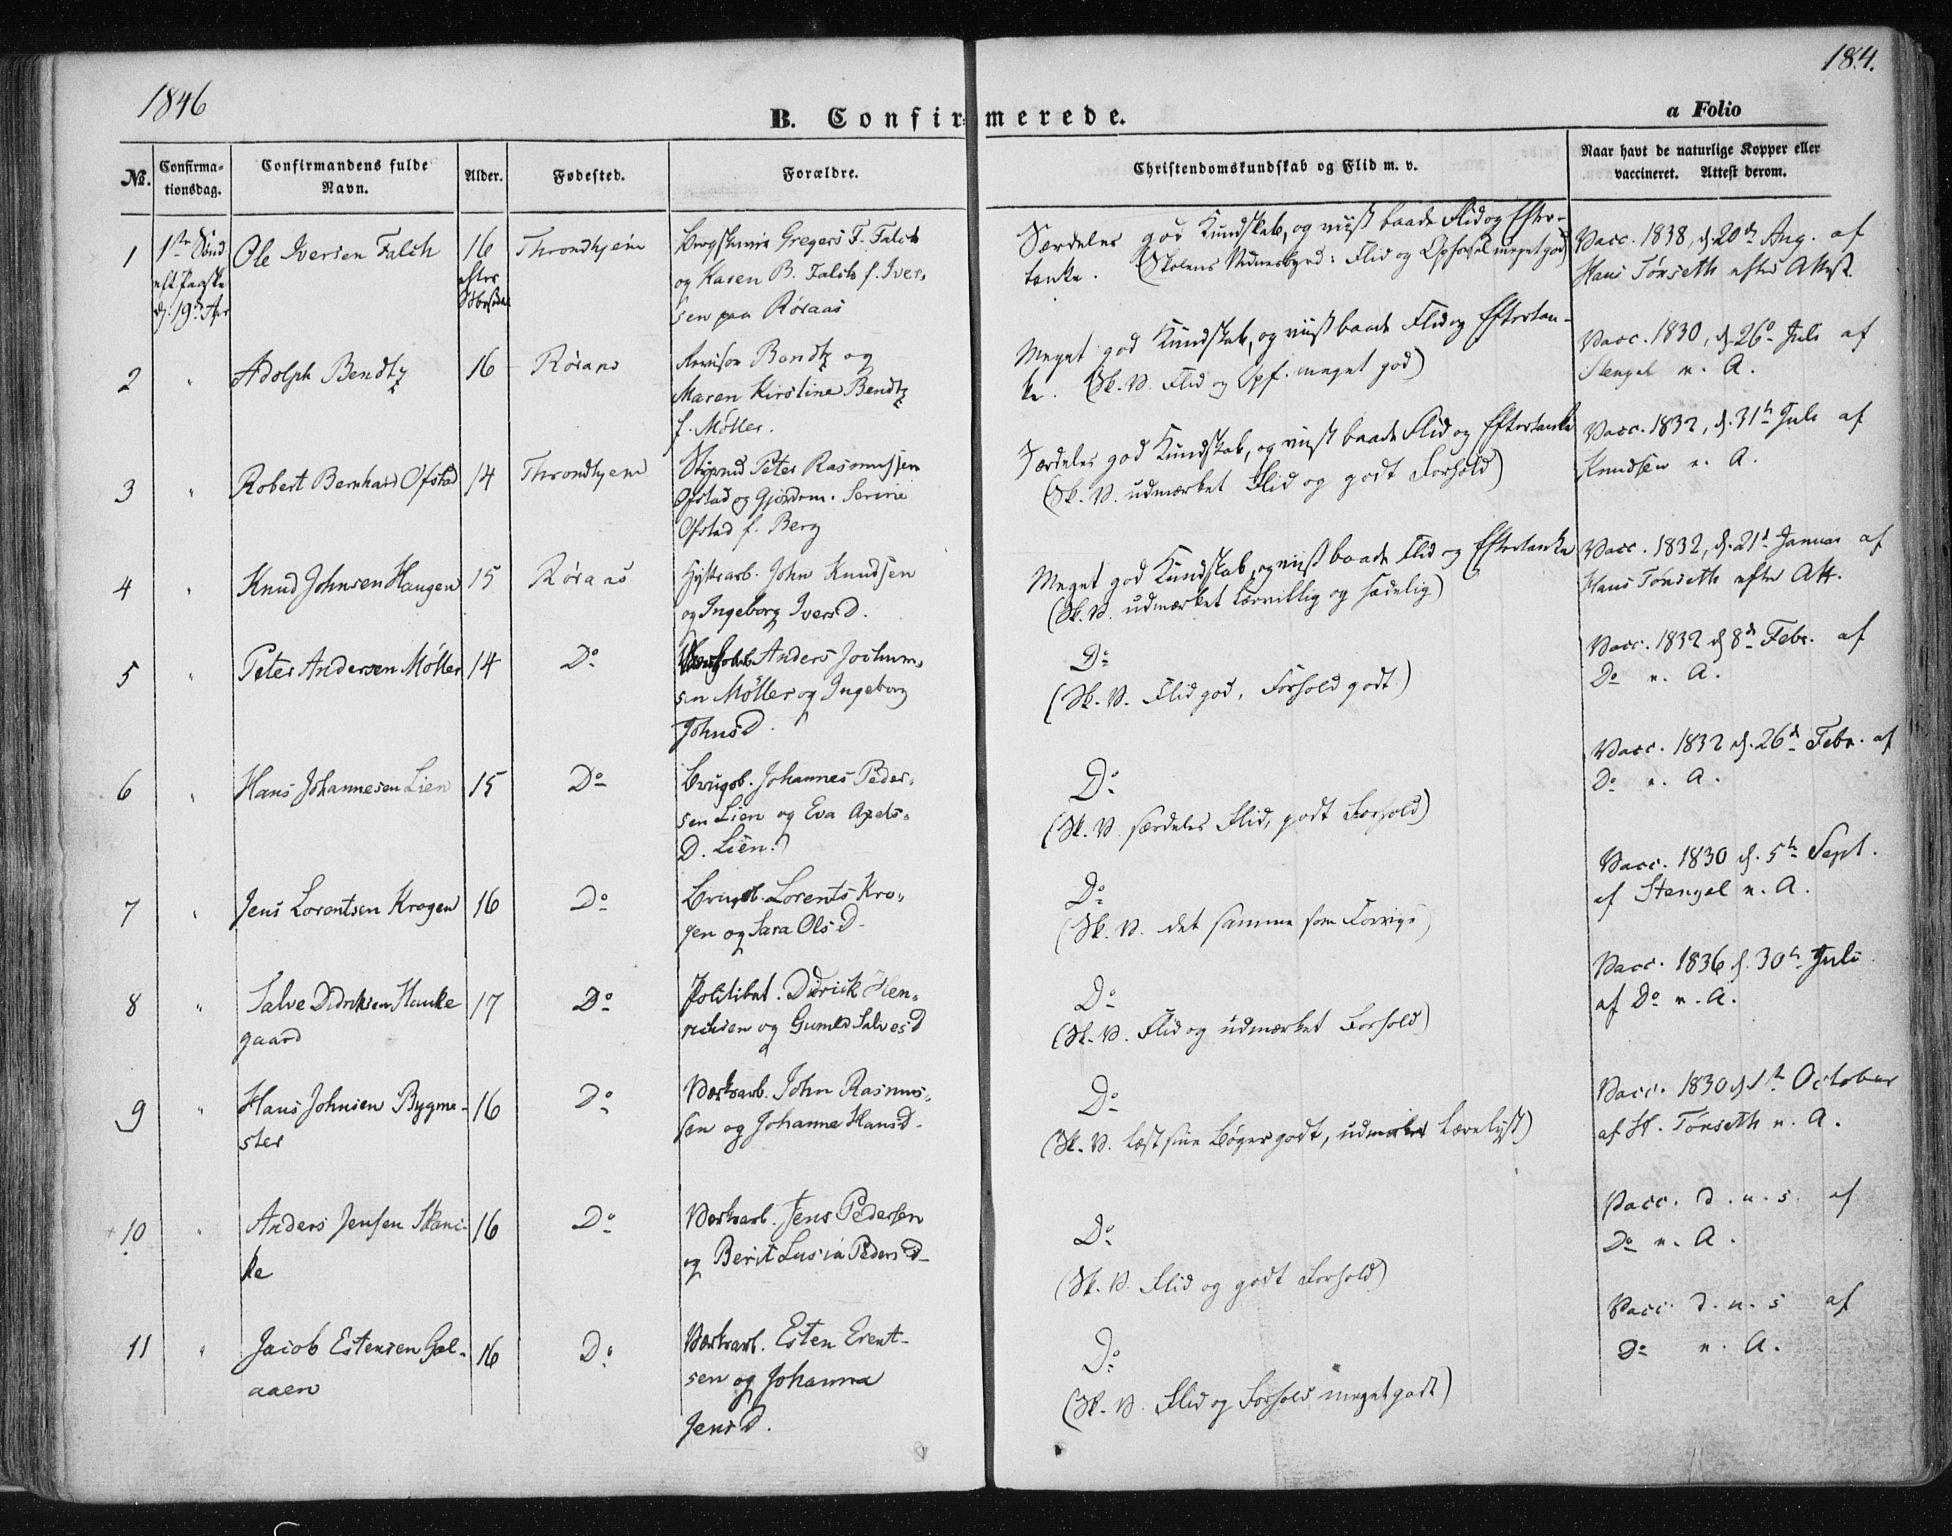 SAT, Ministerialprotokoller, klokkerbøker og fødselsregistre - Sør-Trøndelag, 681/L0931: Ministerialbok nr. 681A09, 1845-1859, s. 184